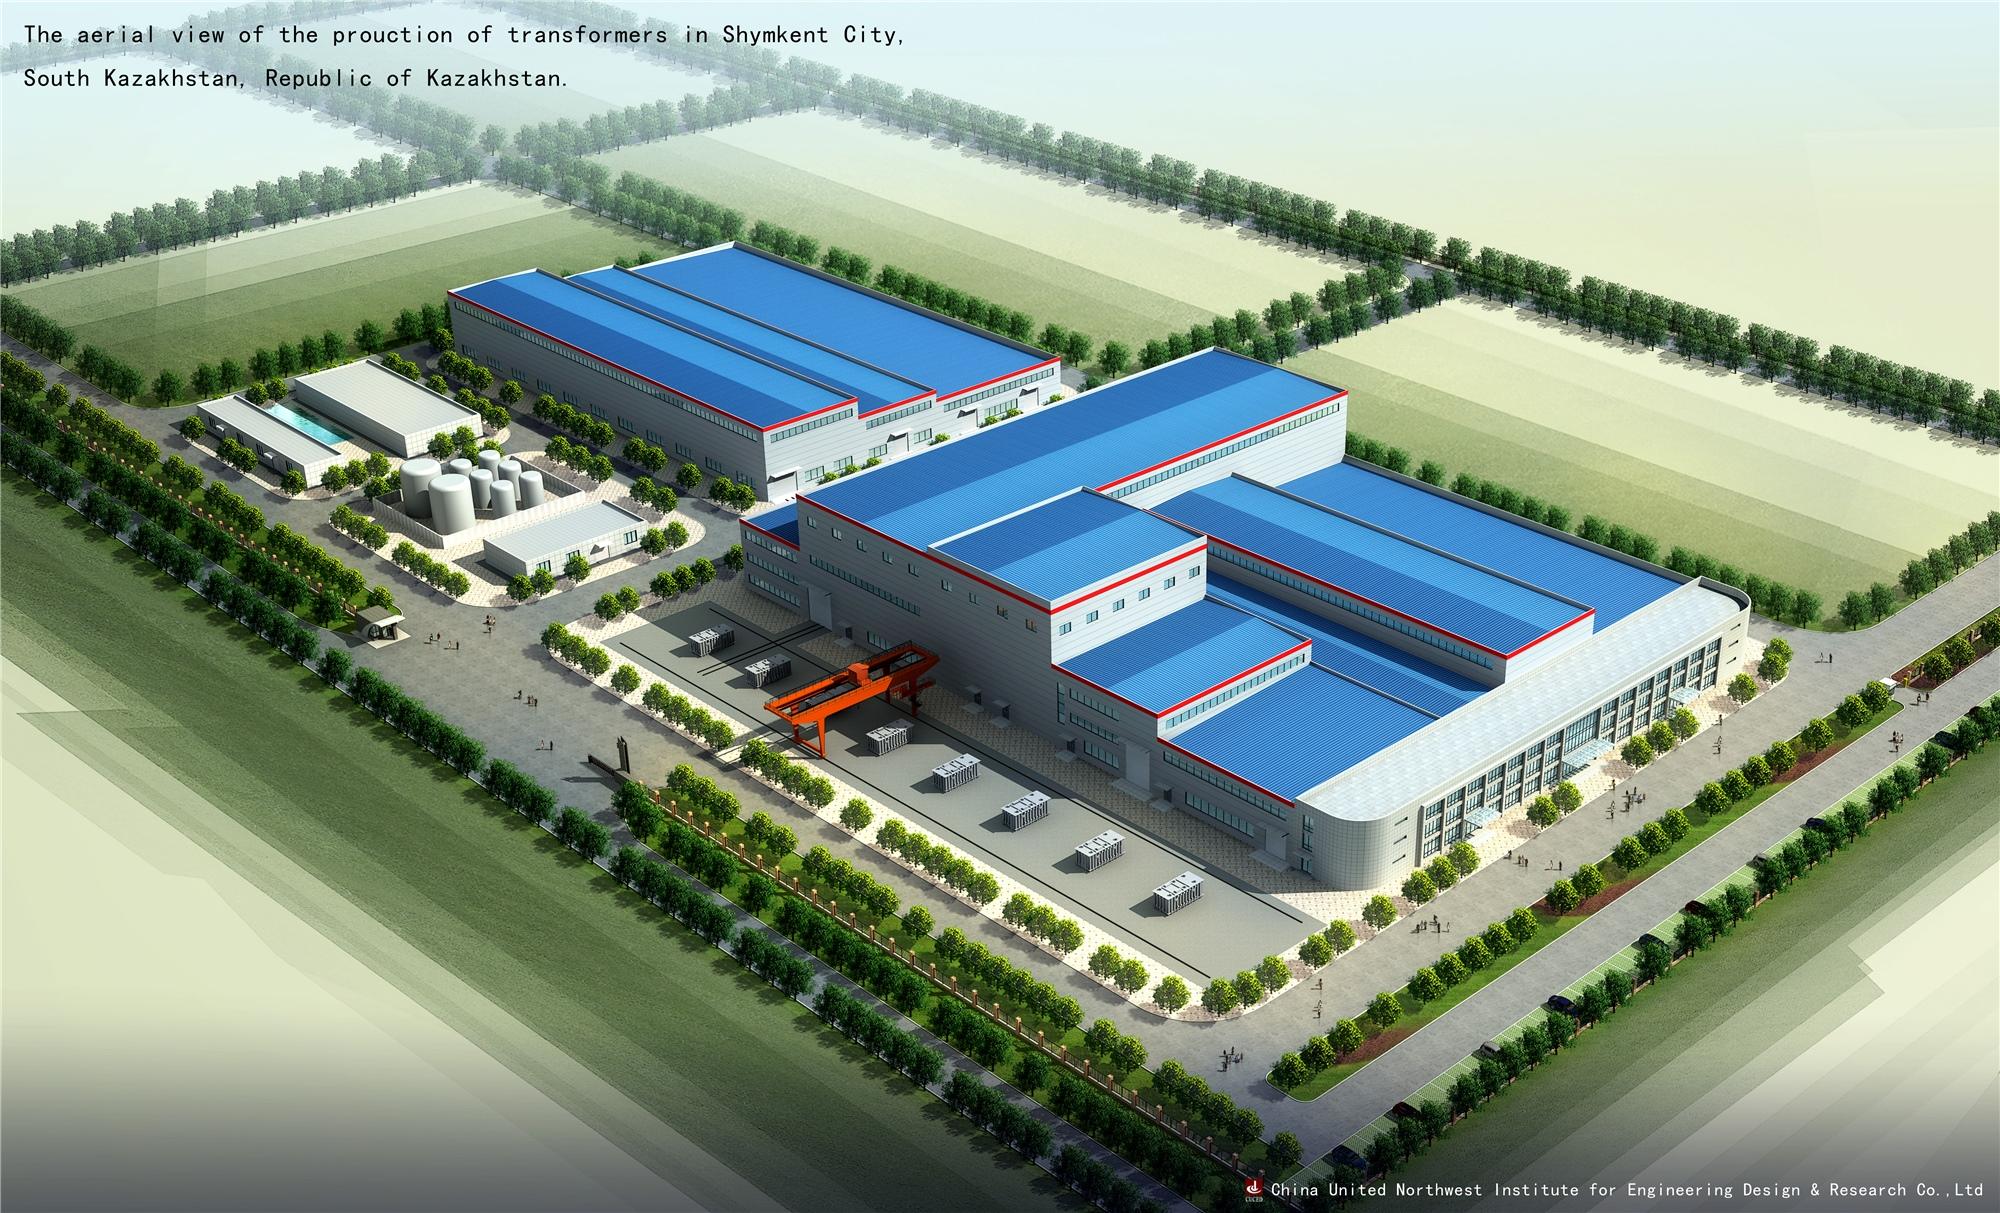 哈萨克斯坦奇姆肯特变压器工厂设计项目